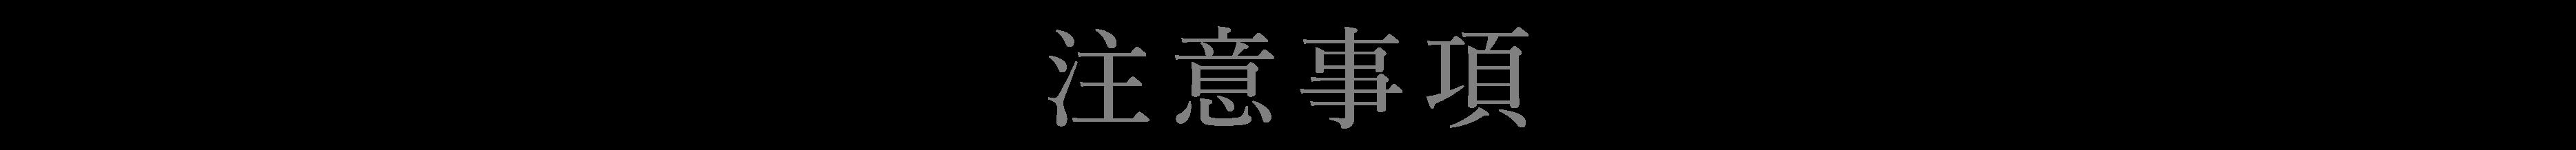 """ジュリーク ホリデー ギフト キャンペーン 注意事項"""""""